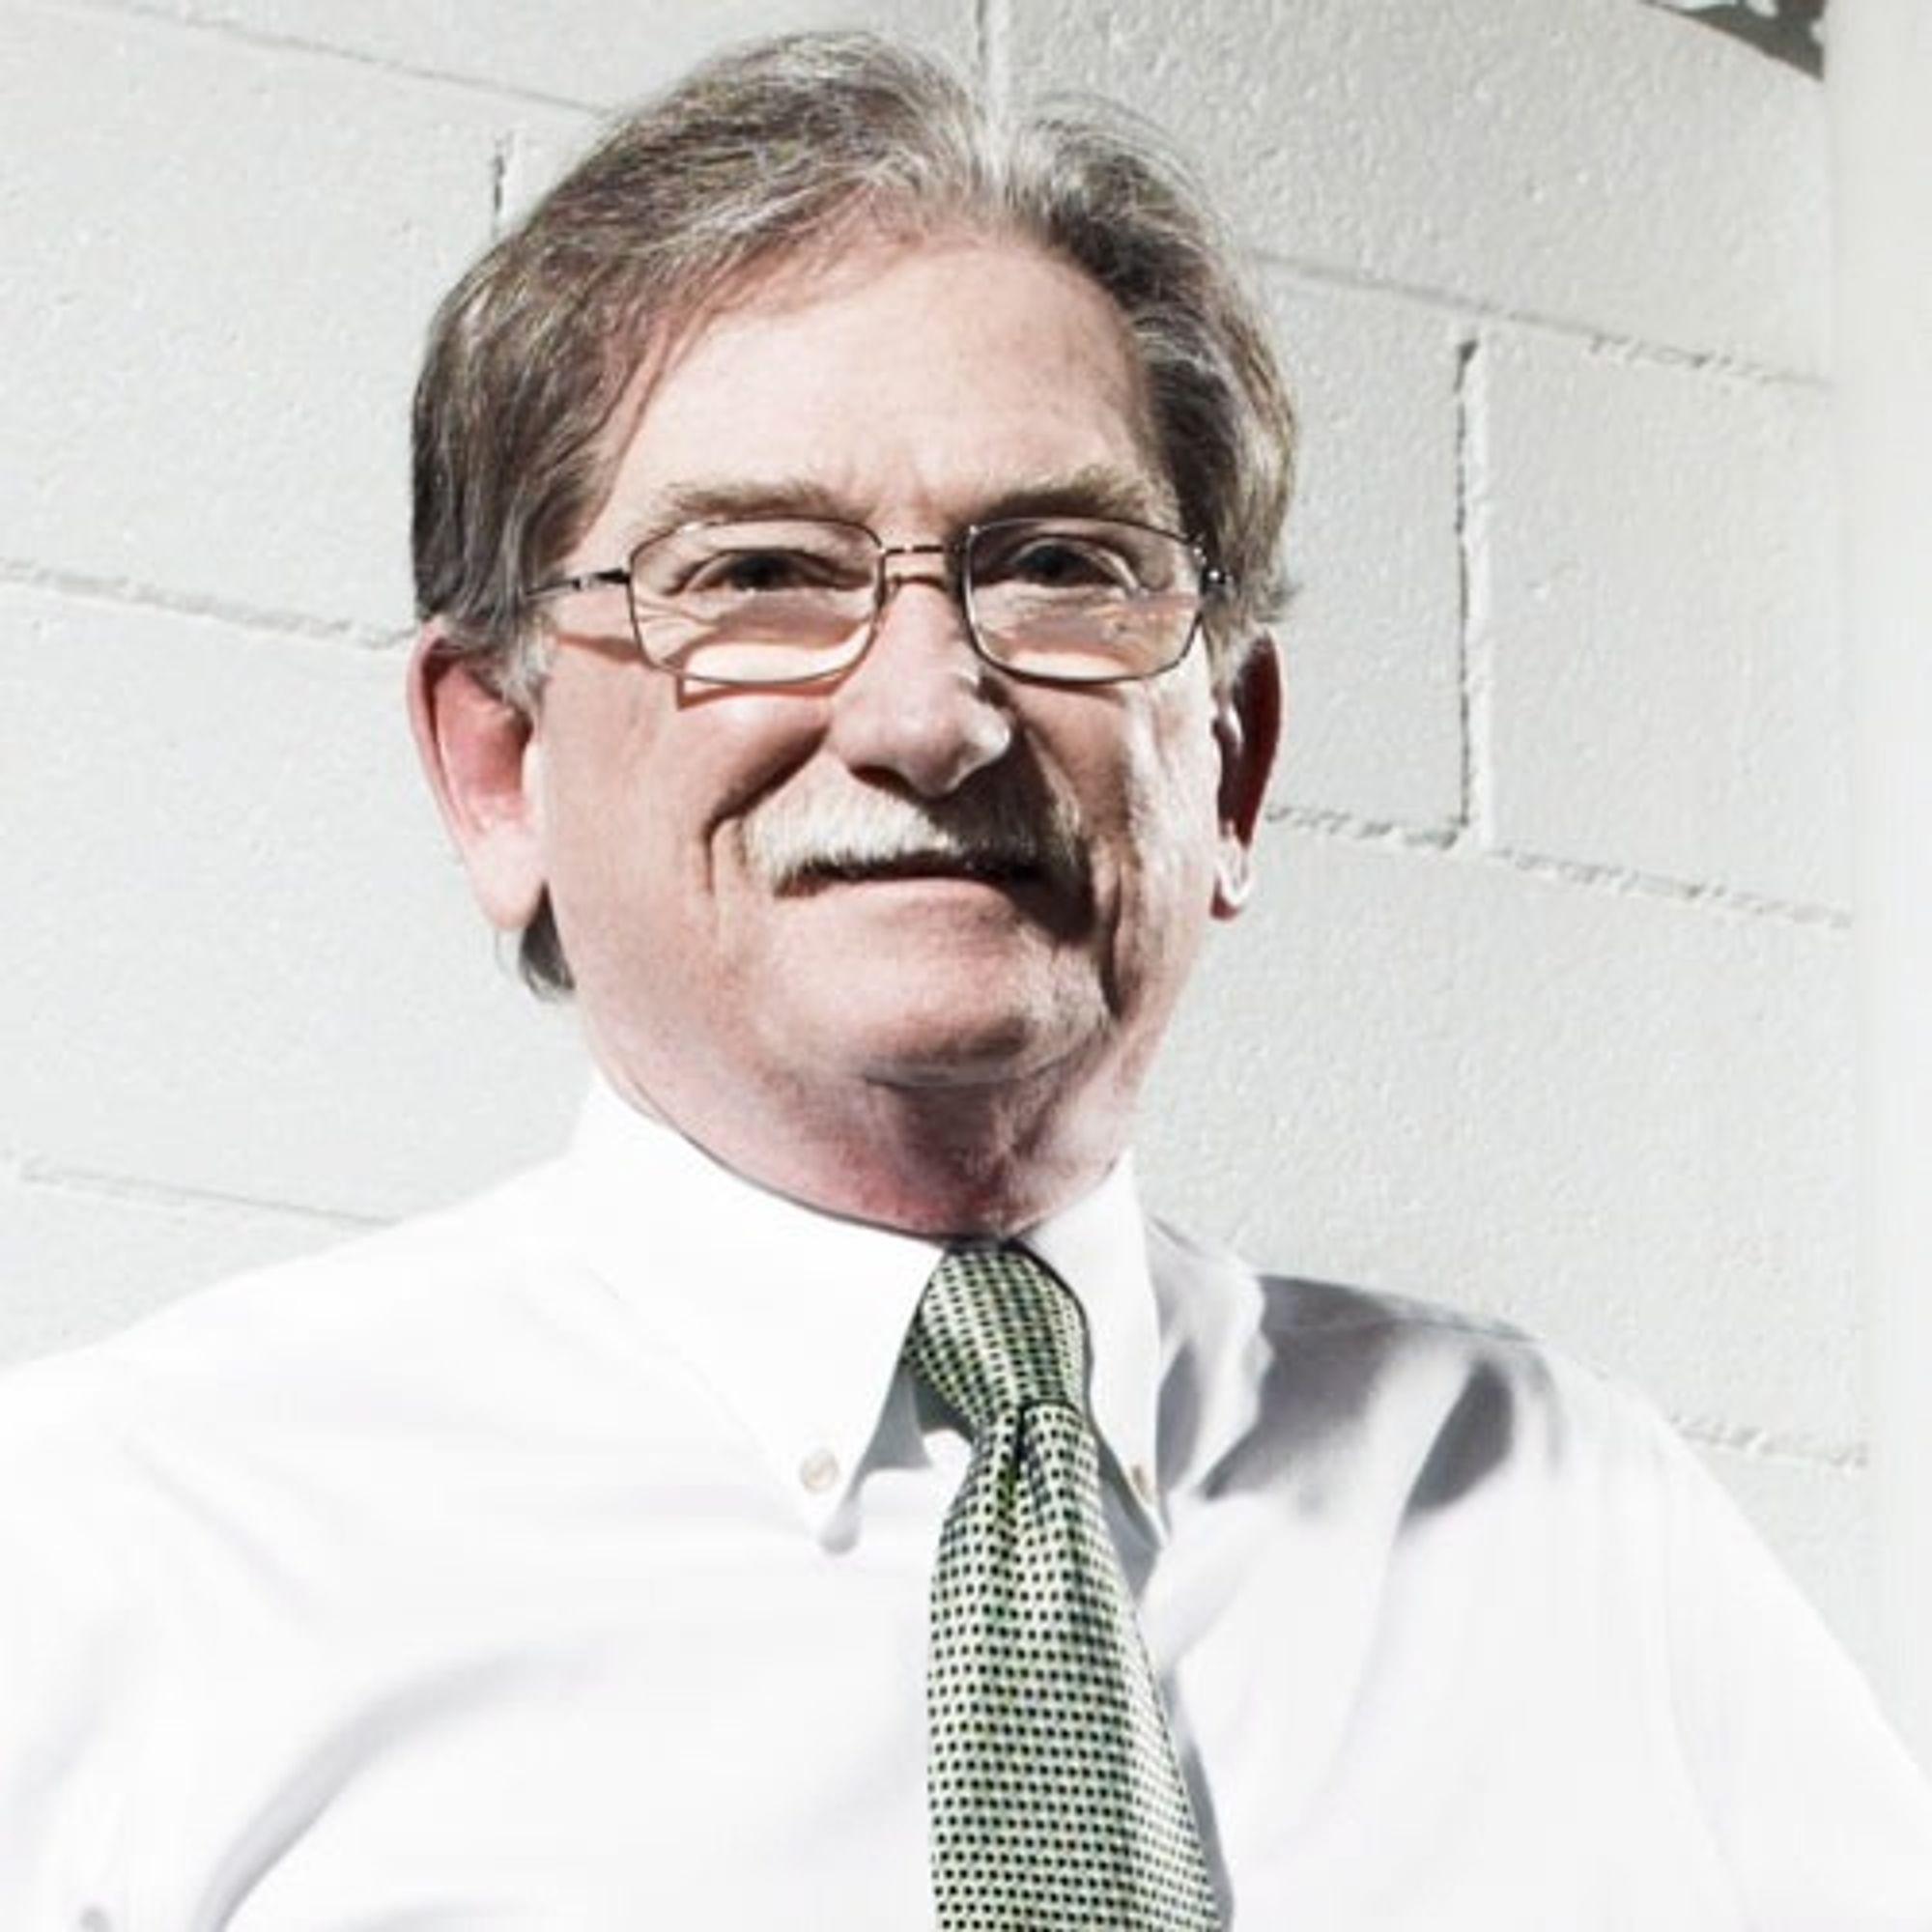 Sandy Munro har ti års erfaring fra Ford og har deretter drevet sitt eget ingeniørselskap siden 1988.